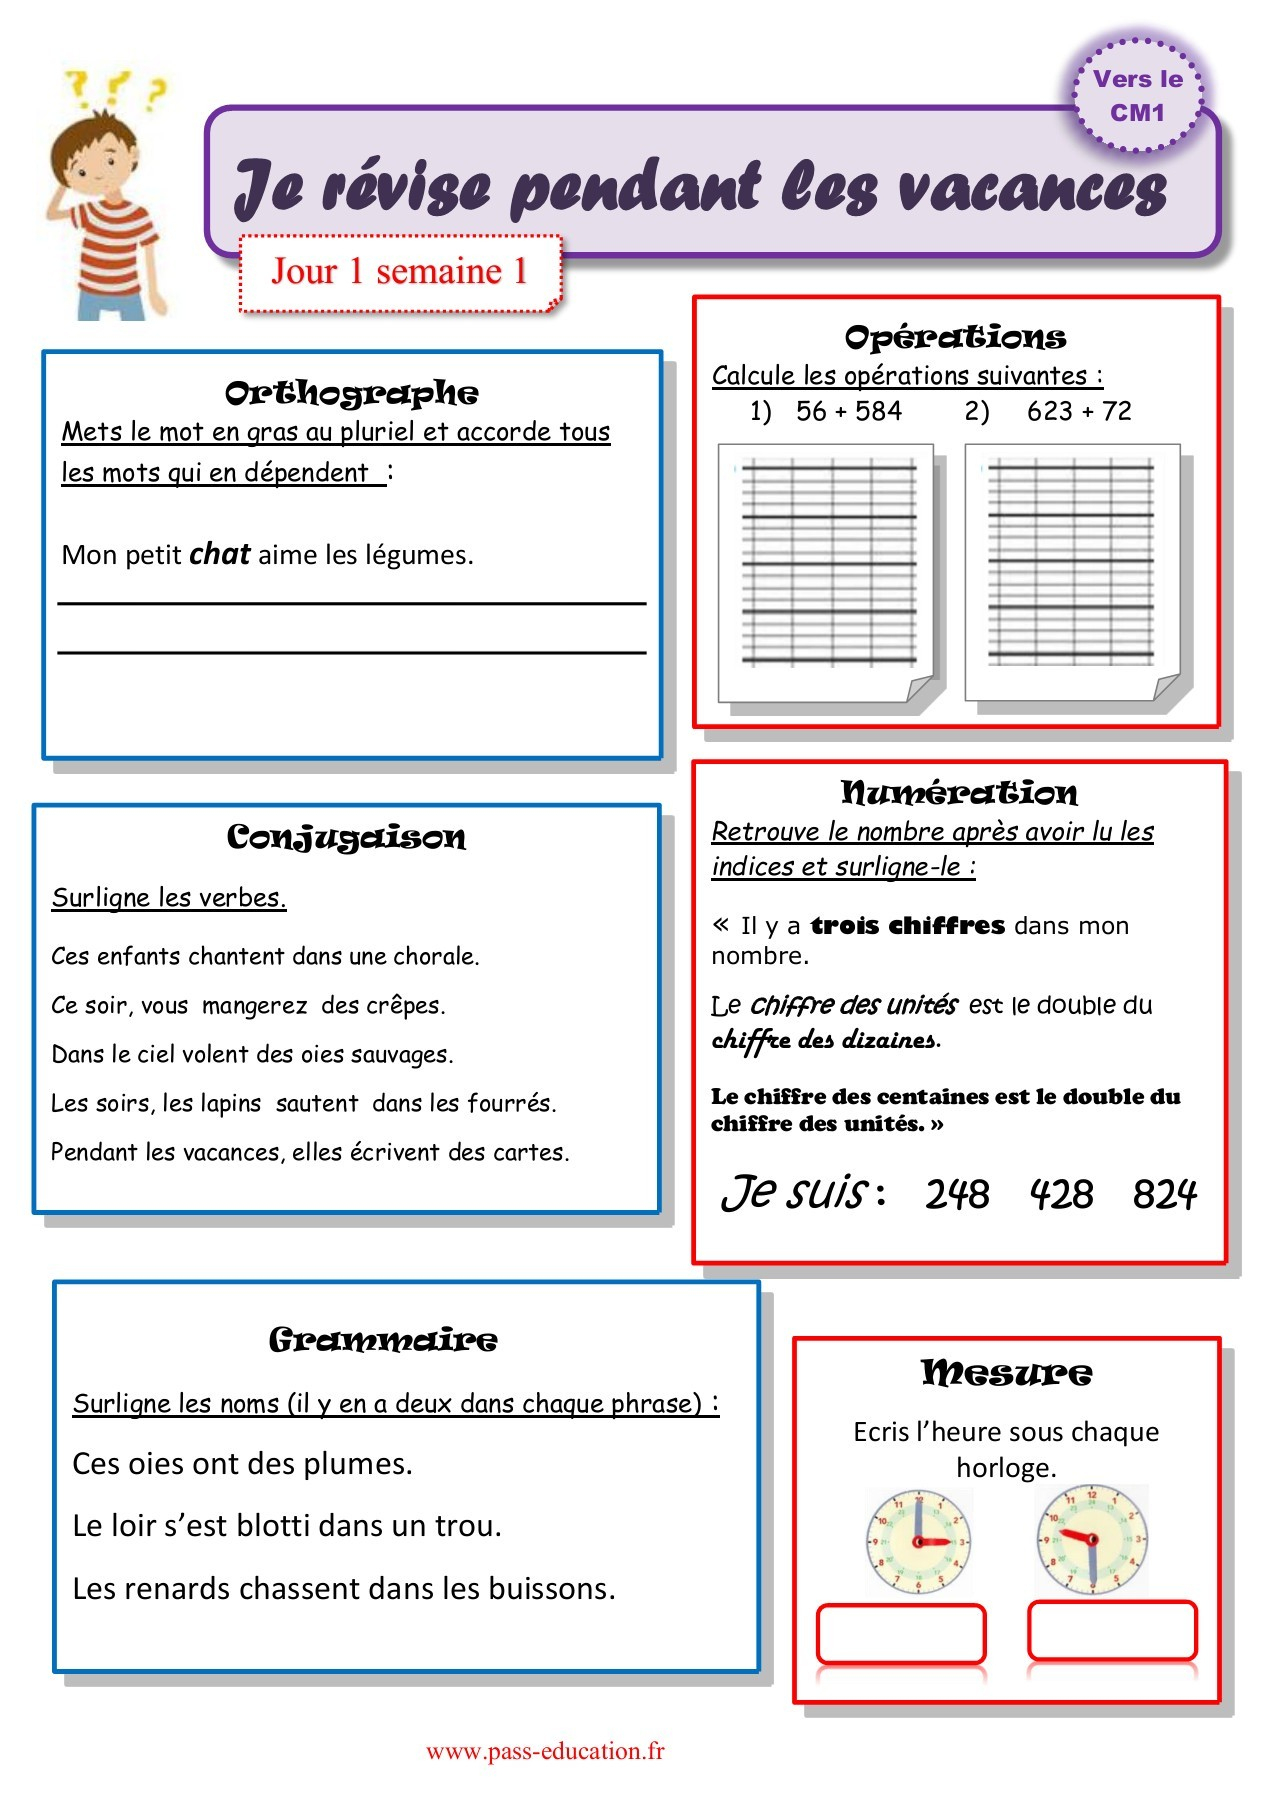 Cahier De Vacances Gratuit À Imprimer - Ce2 Vers Le Cm1 dedans Exercice De Ce2 Gratuit